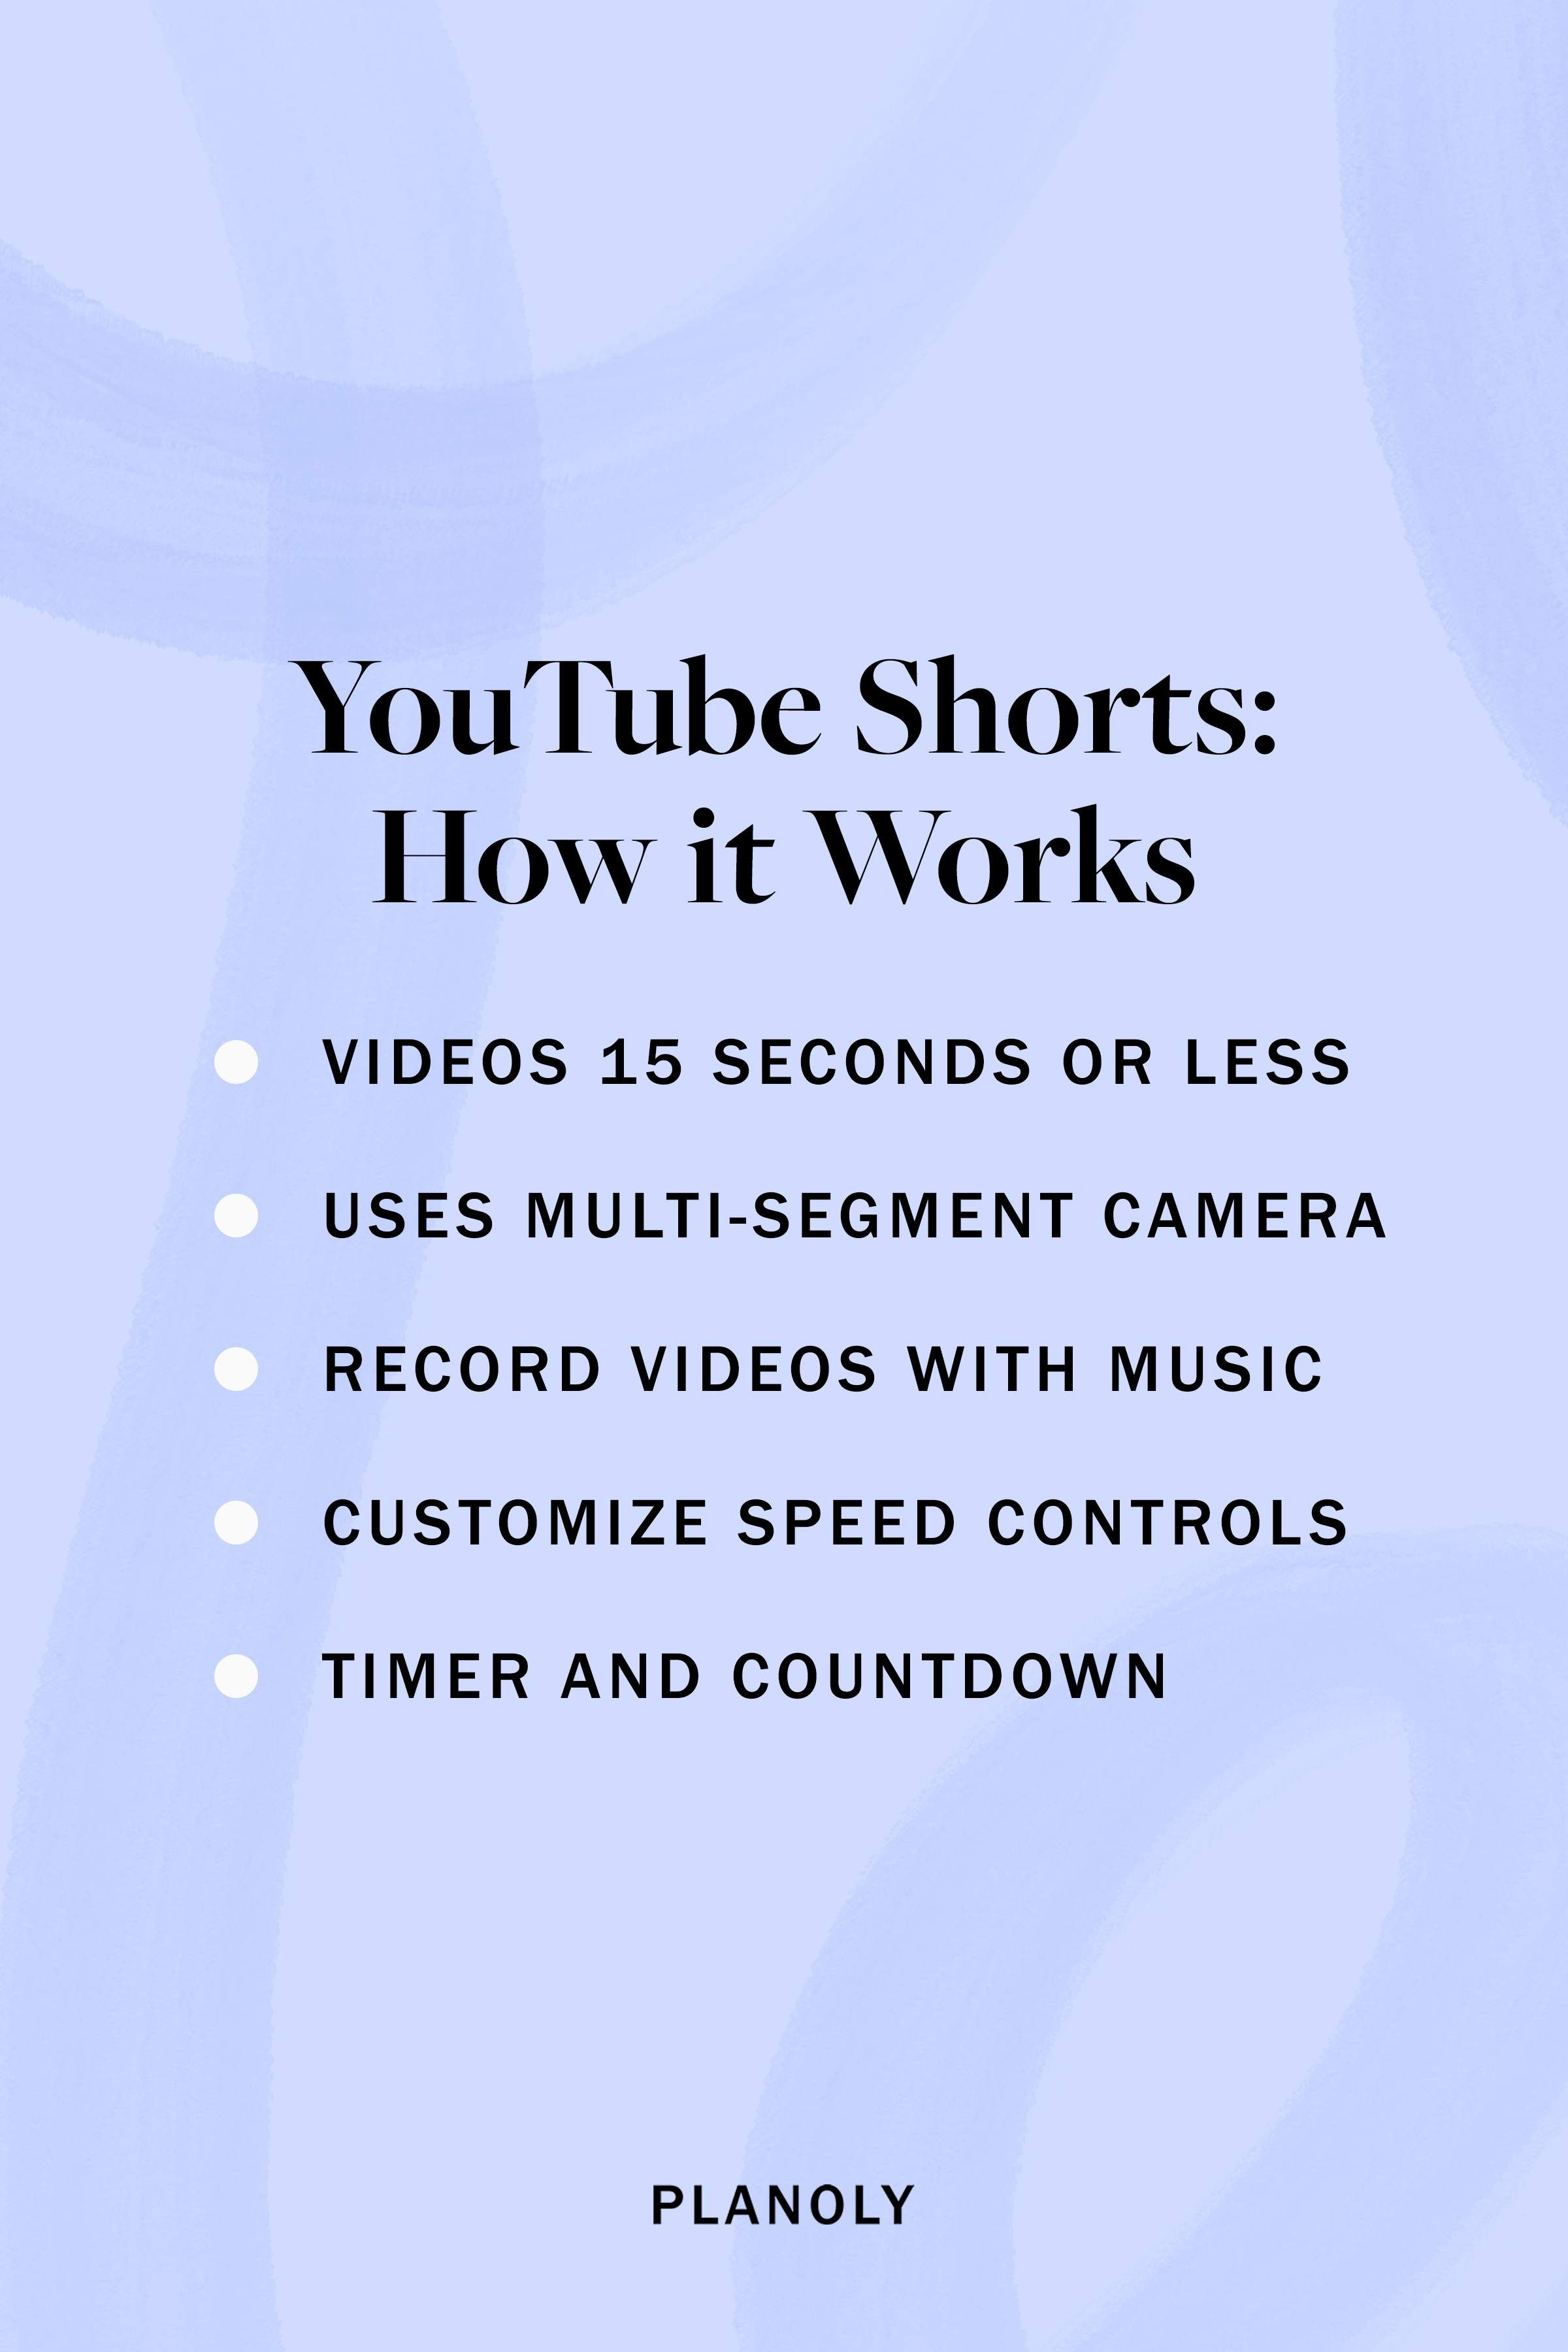 PLANOLY - Blog Post - YouTube Shorts - Image 3